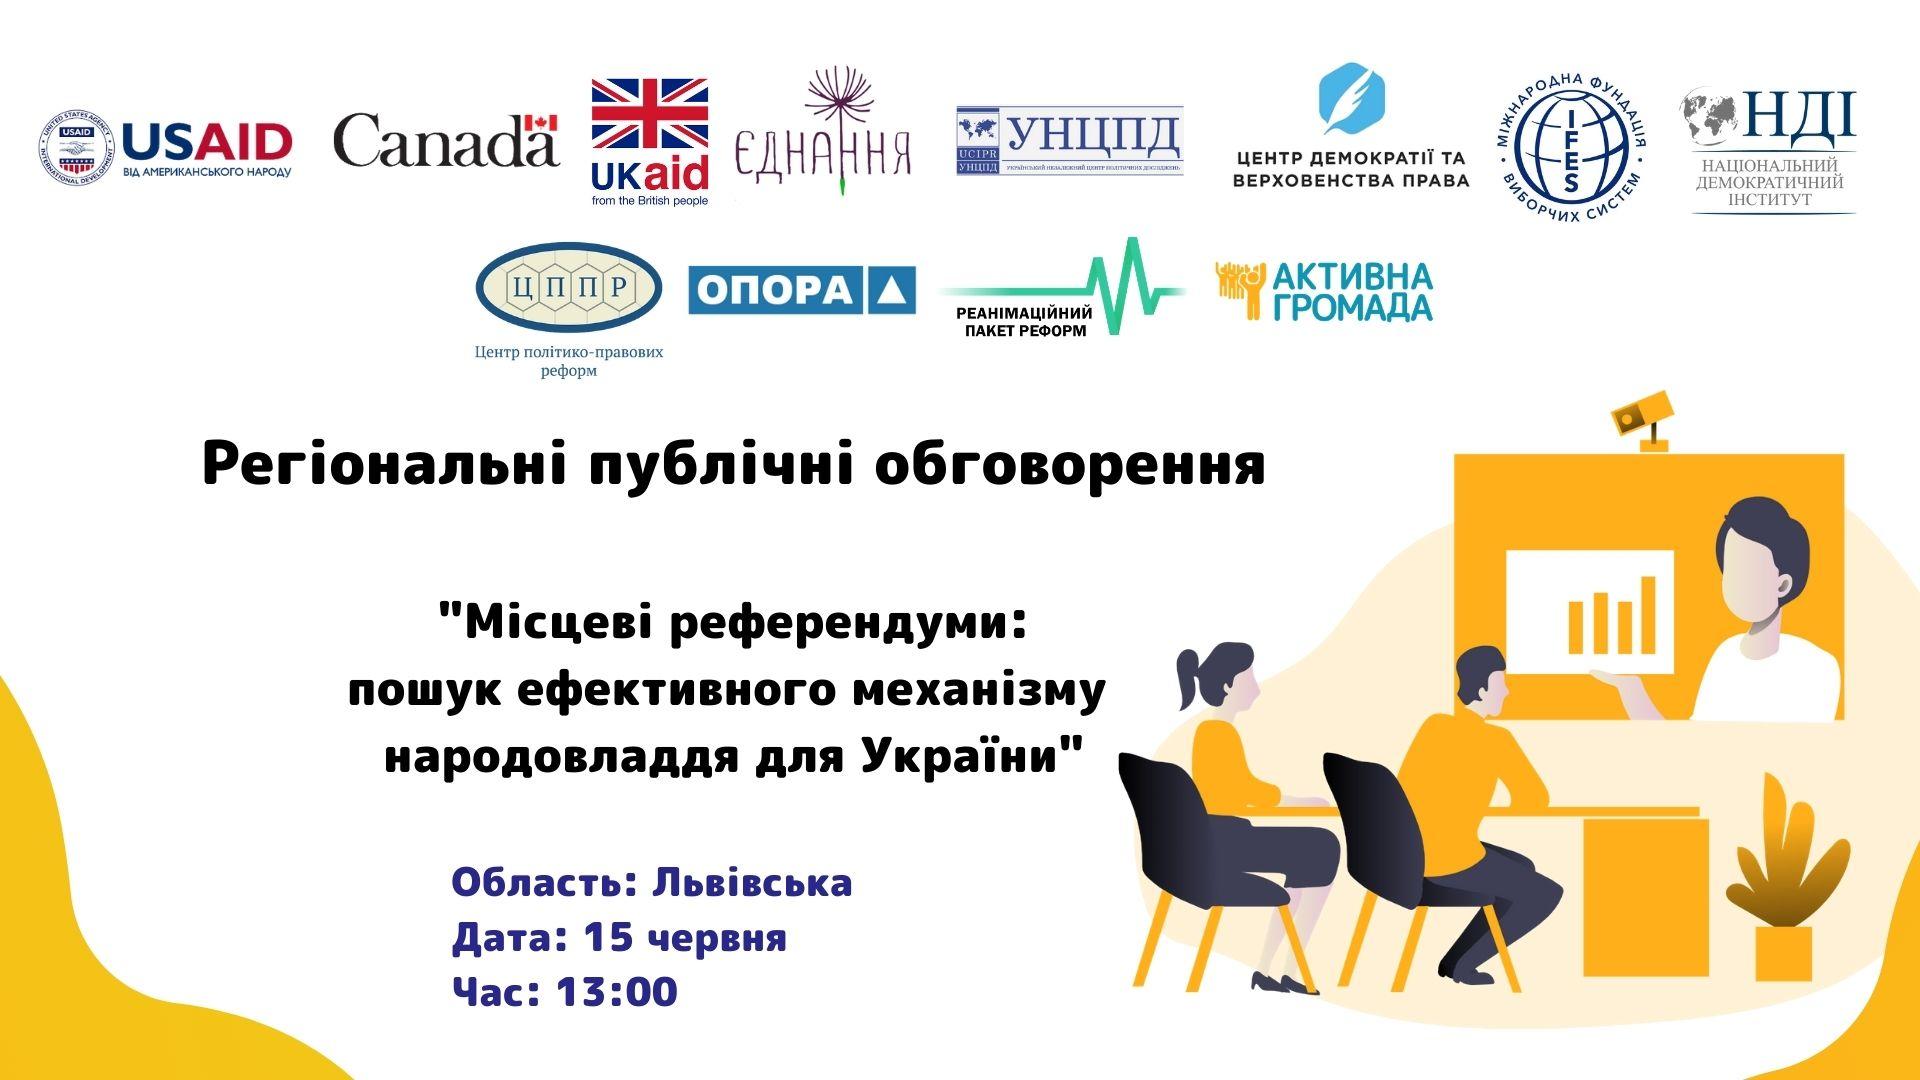 """Регіональні публічні обговорення: """"Місцеві референдуми: пошук ефективного механізму народовладдя для України"""""""